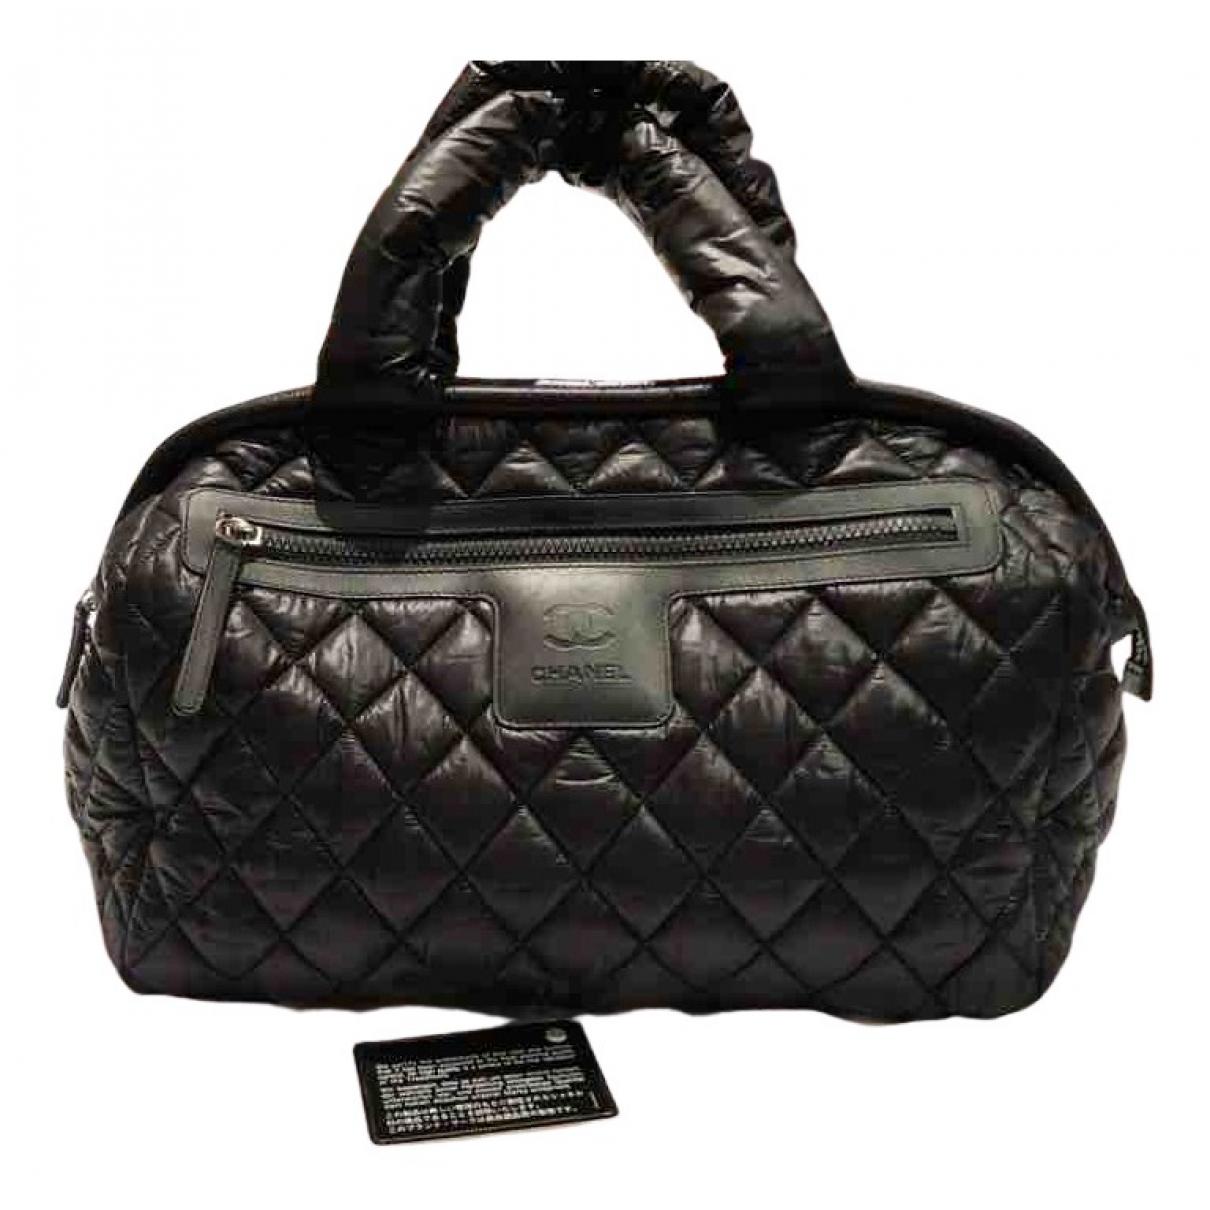 Chanel - Sac a main Coco Cocoon pour femme en toile - noir